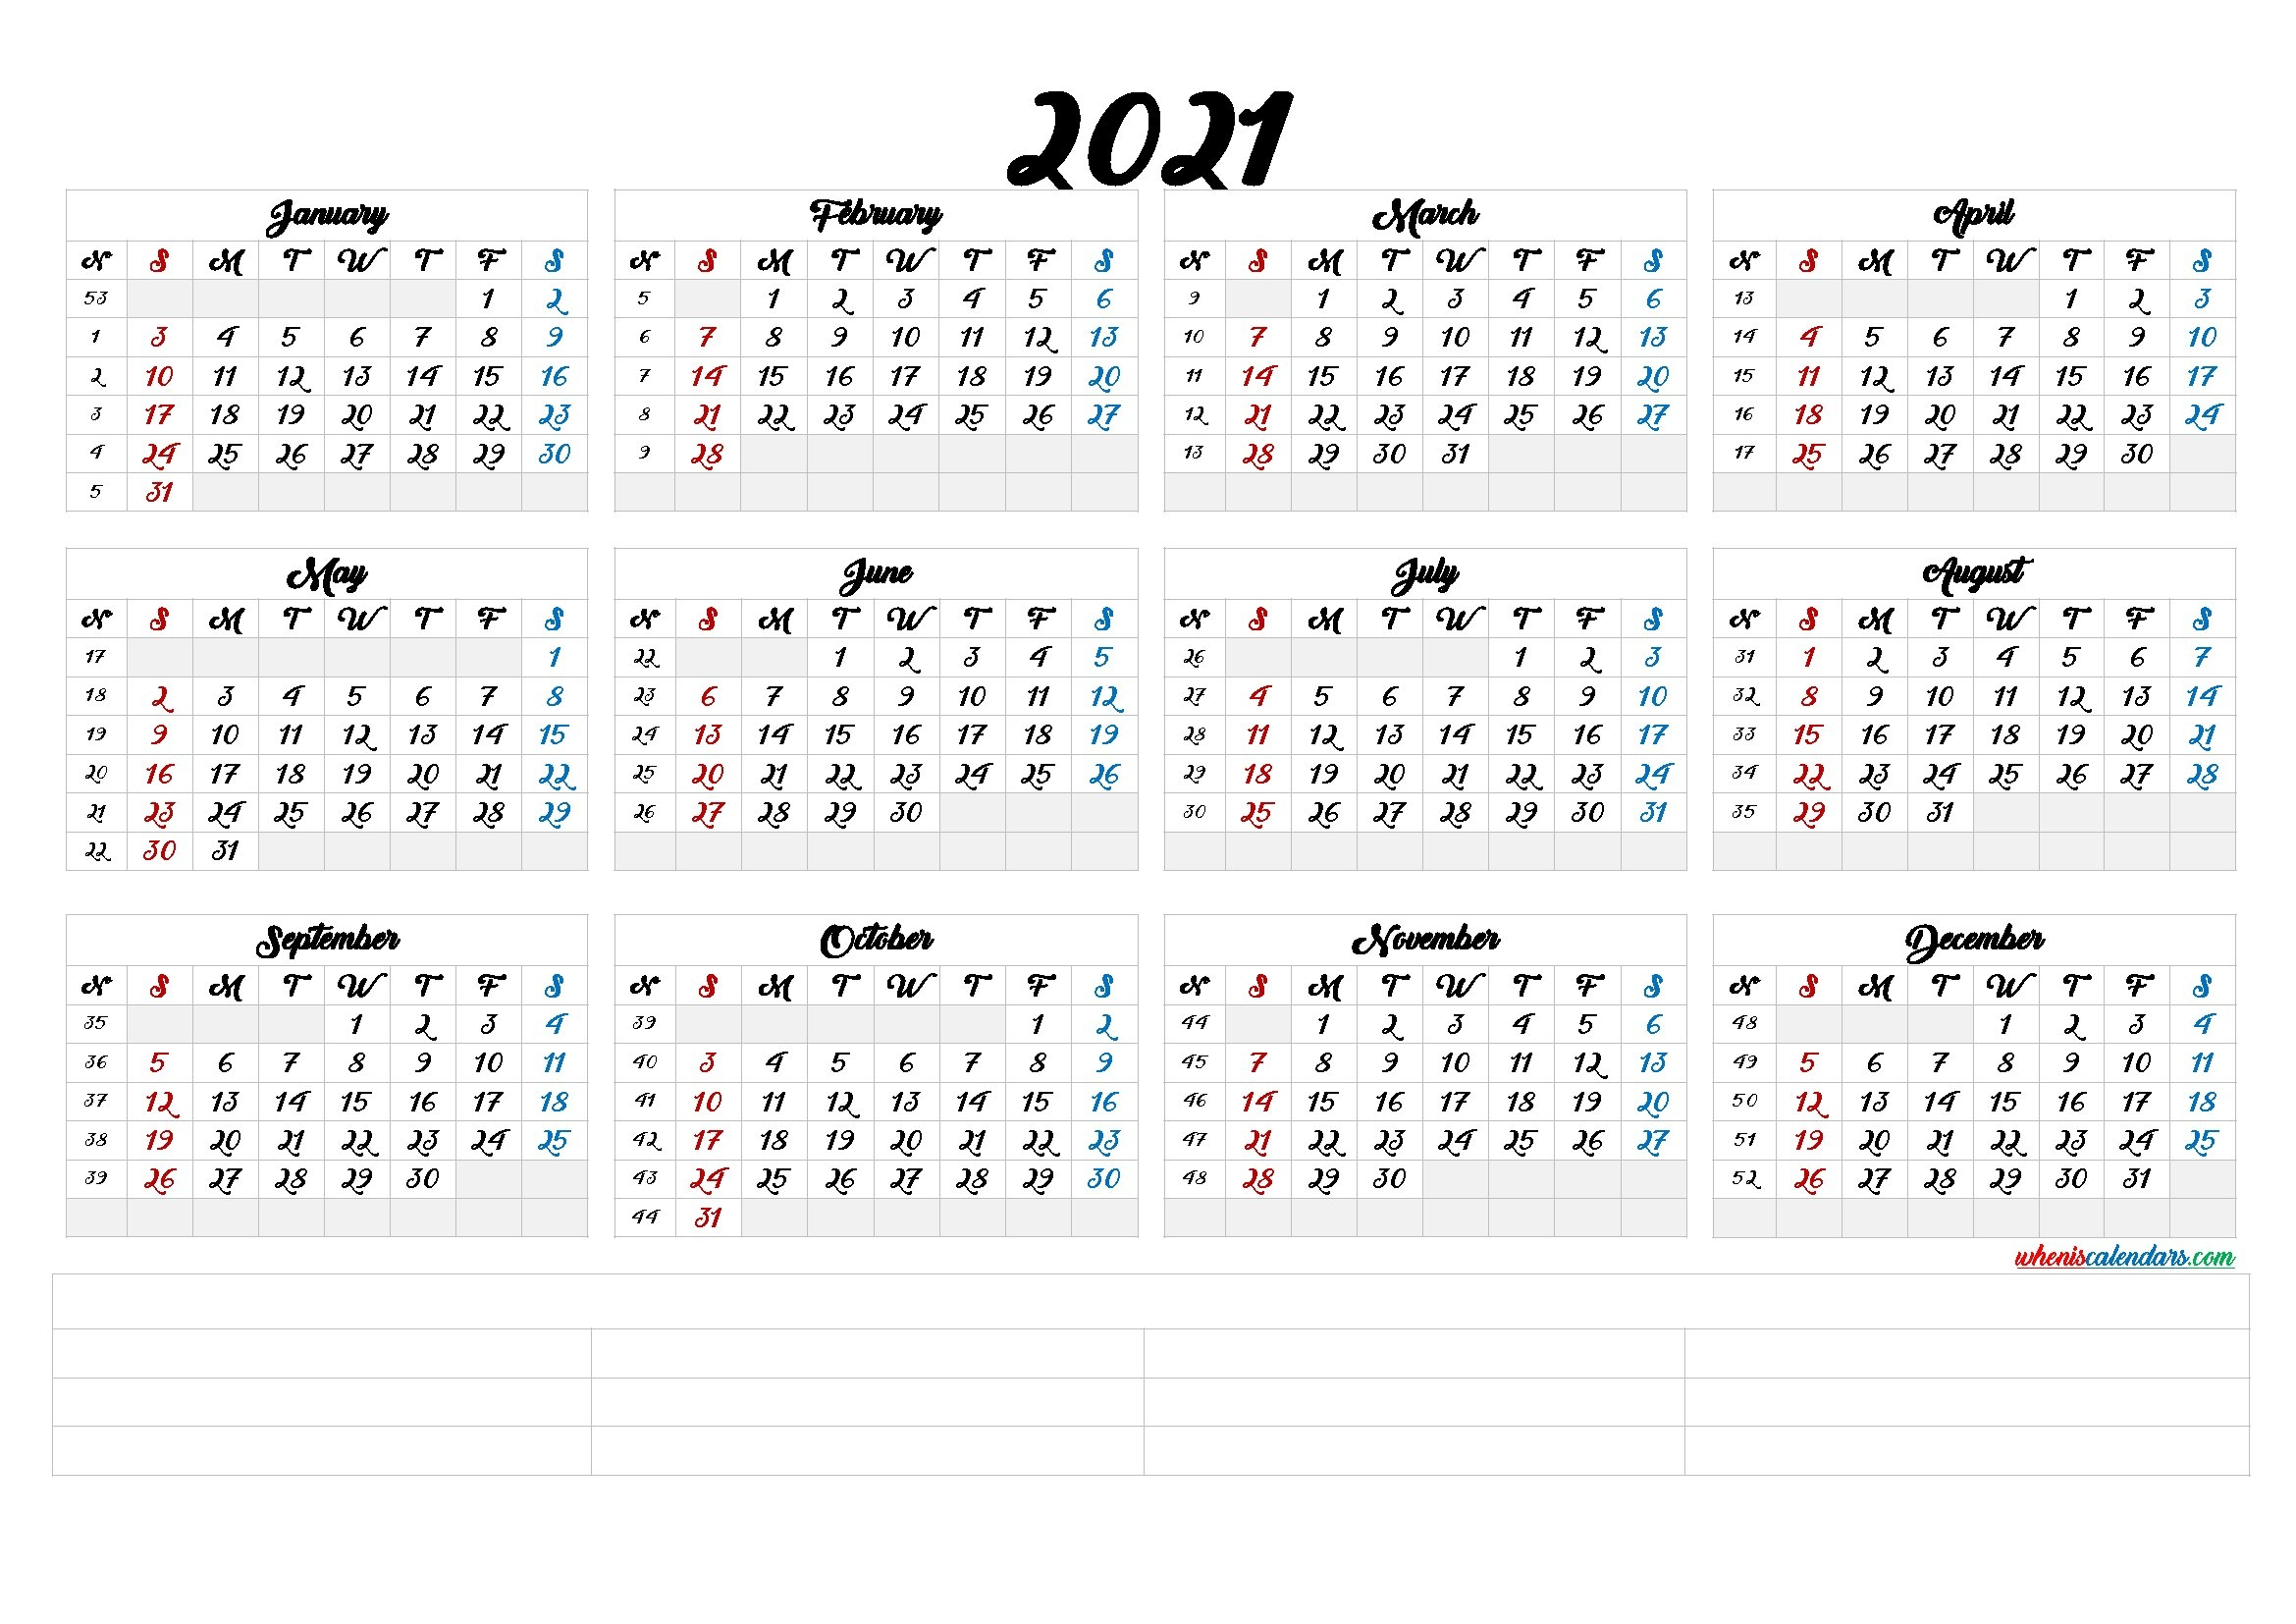 2021 Calendar With Week Number Printable Free : 2021 Yearly Business Calendar With Week Number with Free Printable Calendarlabs 2021